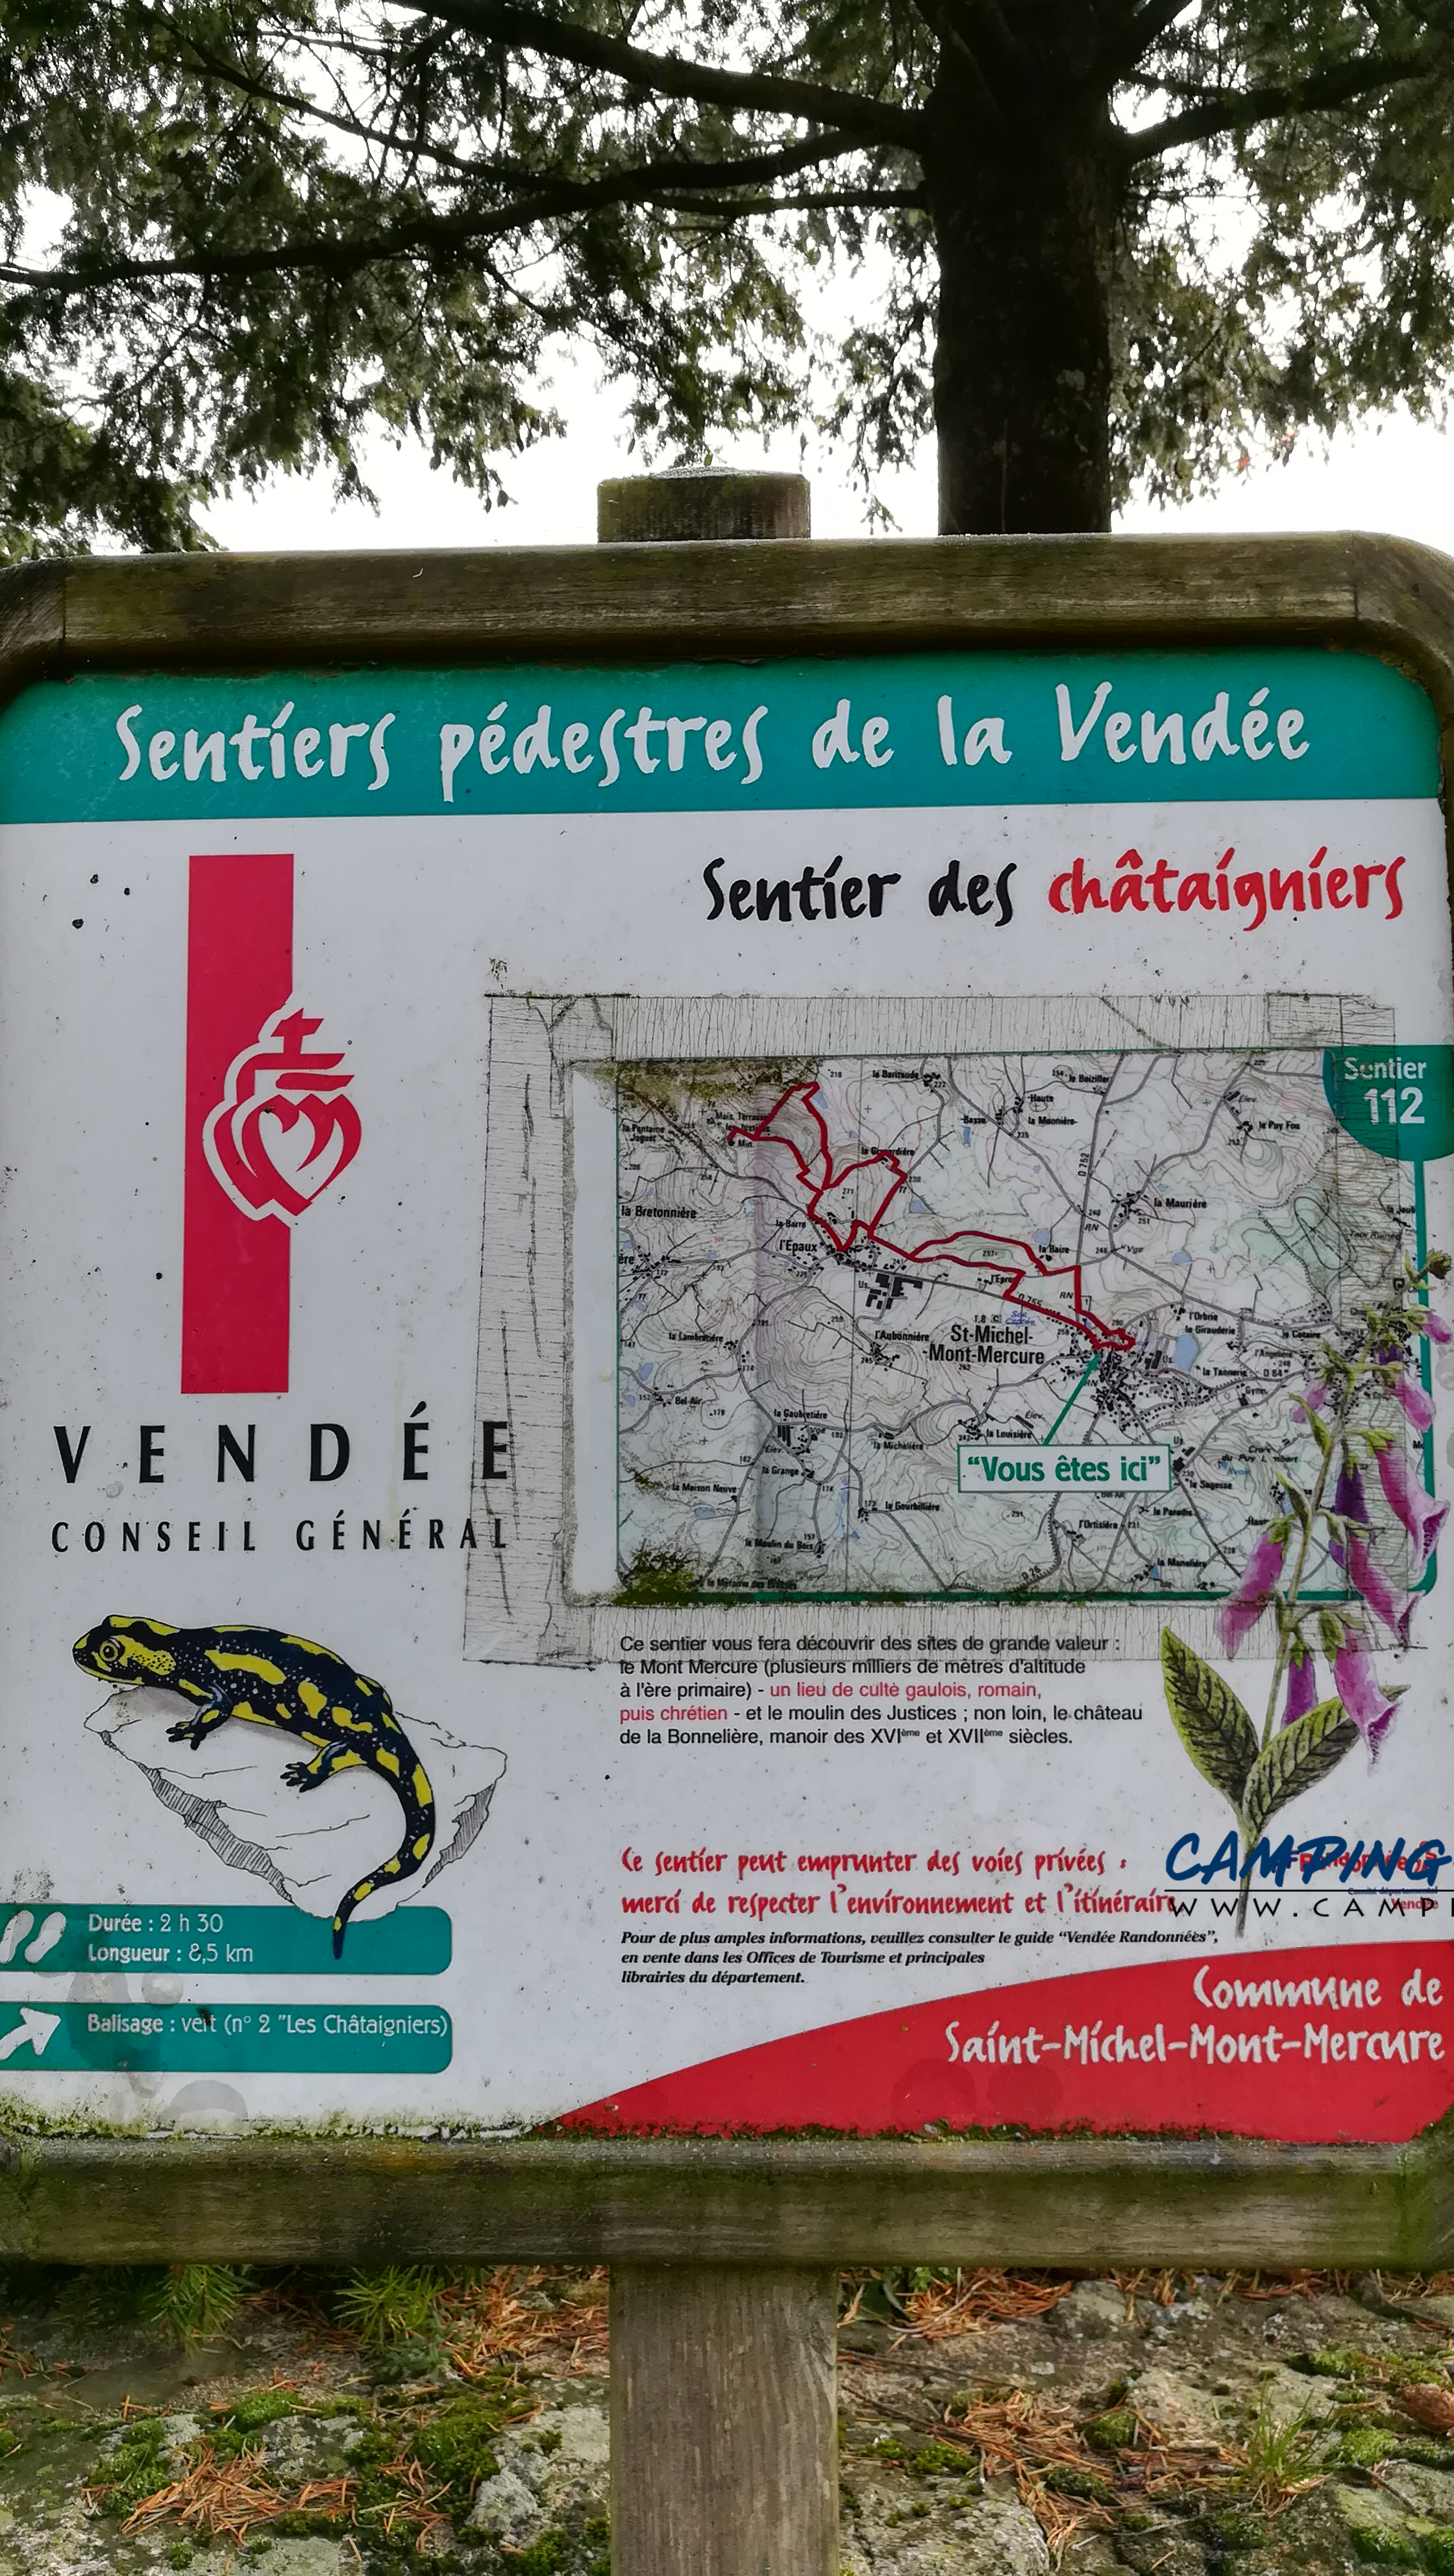 aire services camping car Saint-Michel-Mont-Mercure Vendée Pays-de-la-Loire